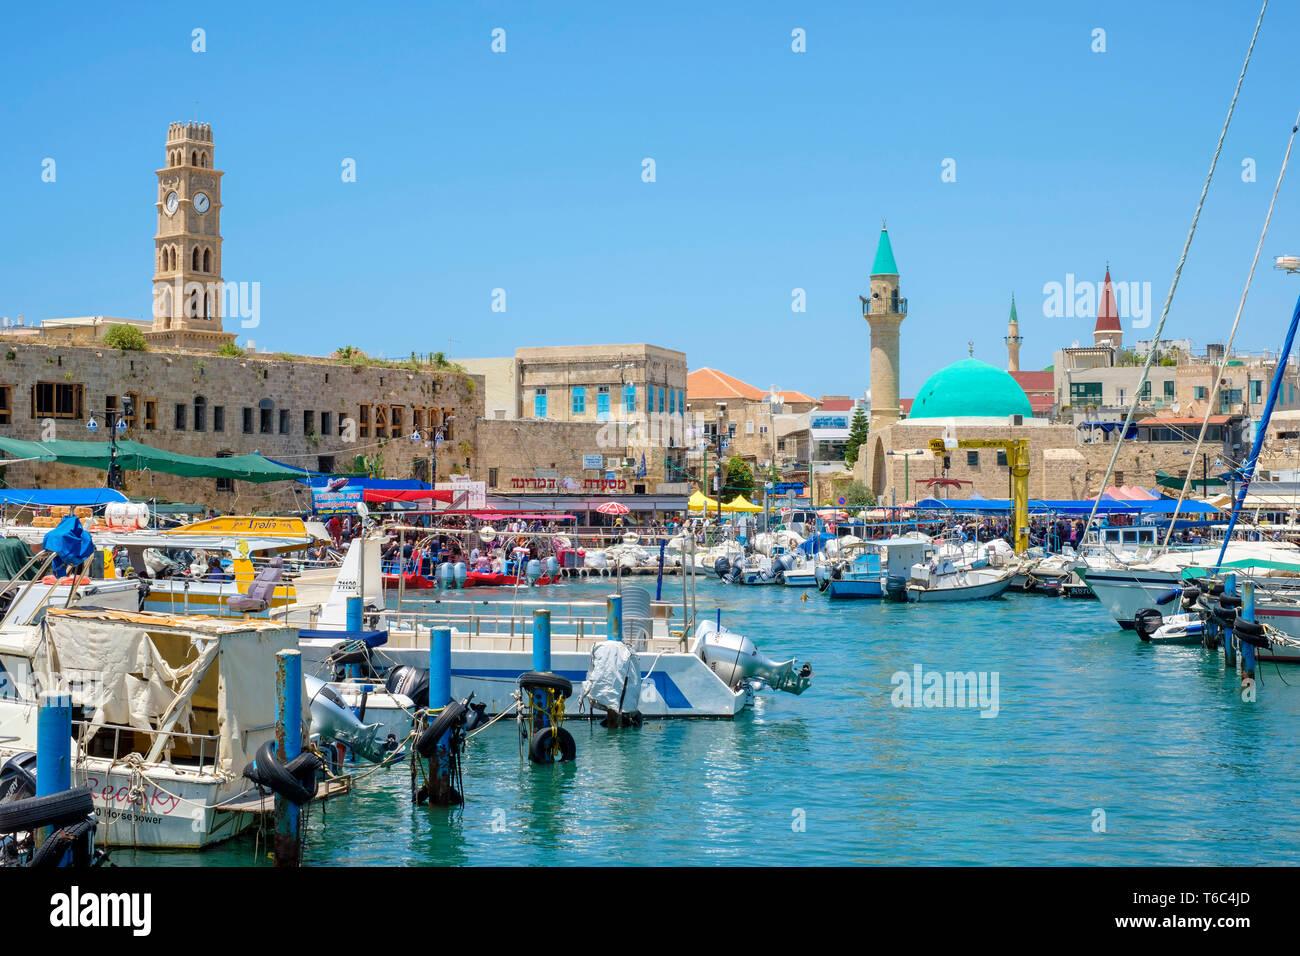 Israël, quartier Nord, Galilée, Acre (Akko). Khan al-Umdan, sinon Basha Mosque et bâtiments dans la vieille ville d'Akko harbor. Photo Stock